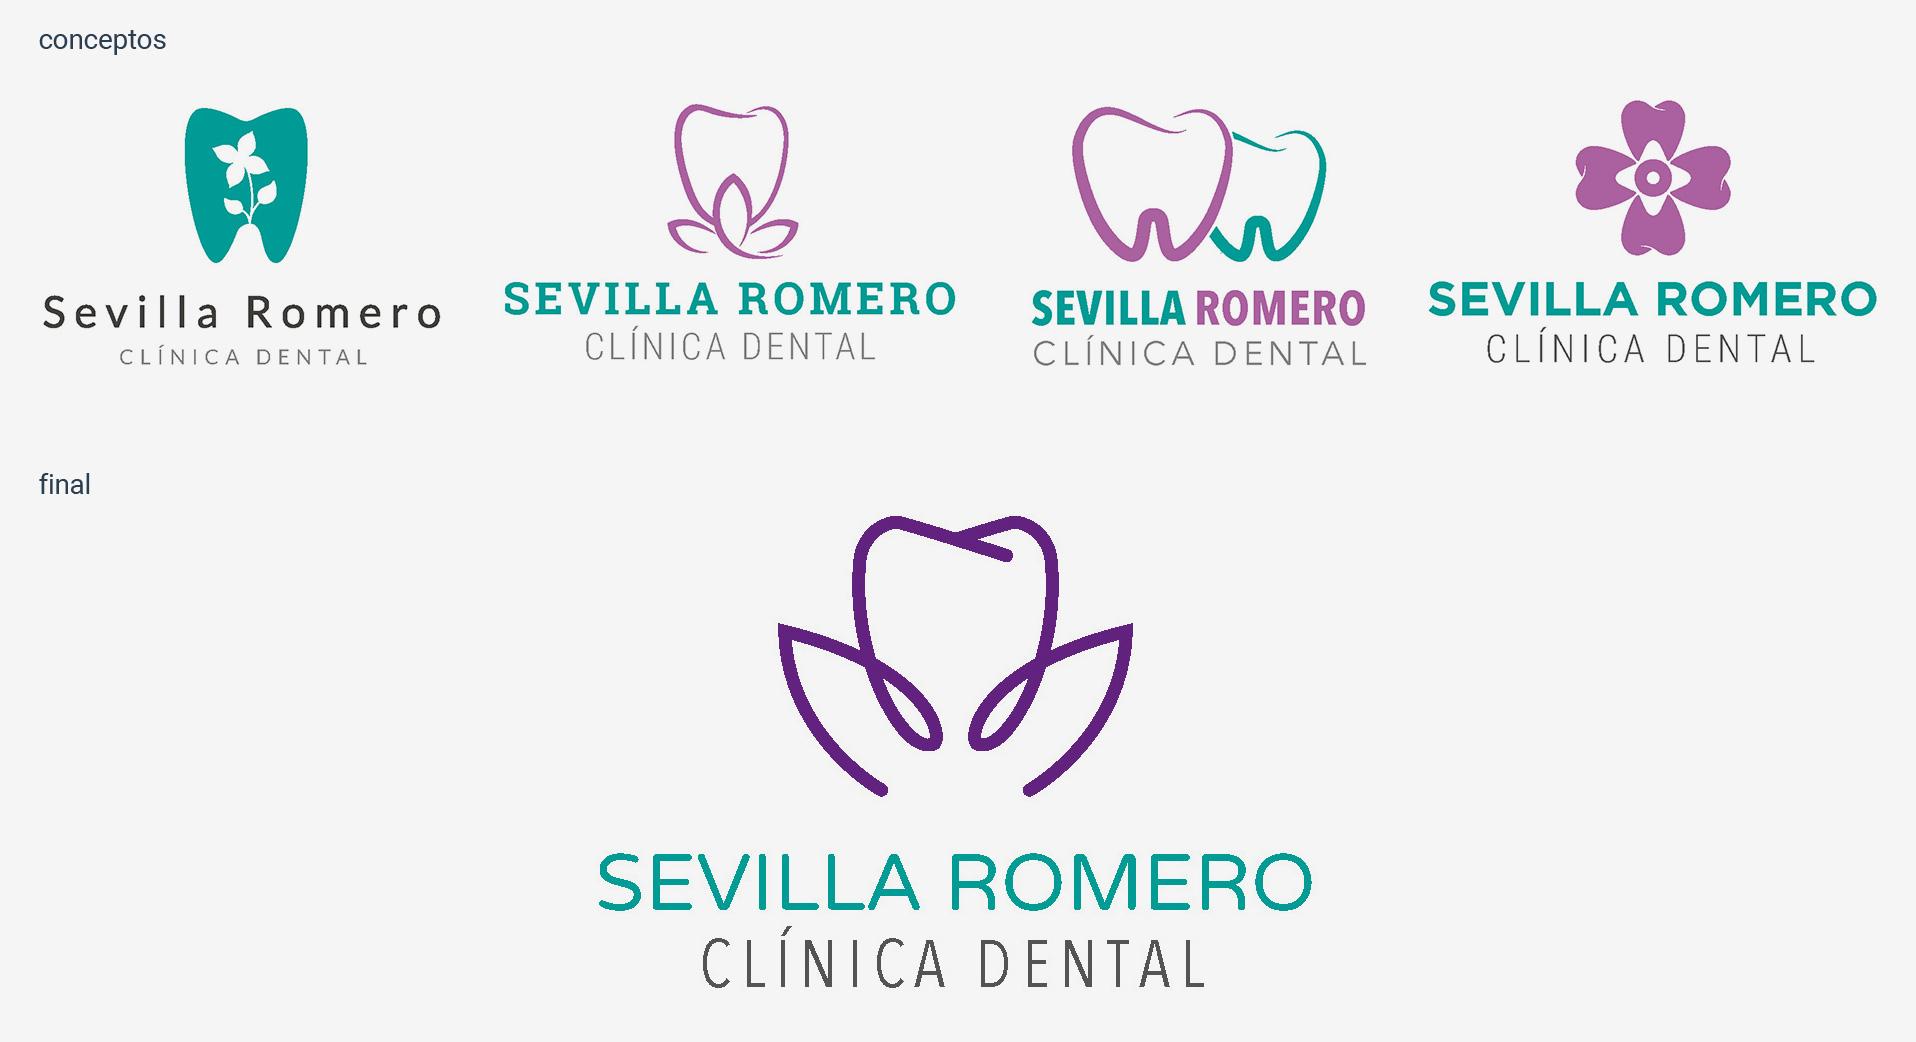 Diseñador logotipos Raúl Moreira